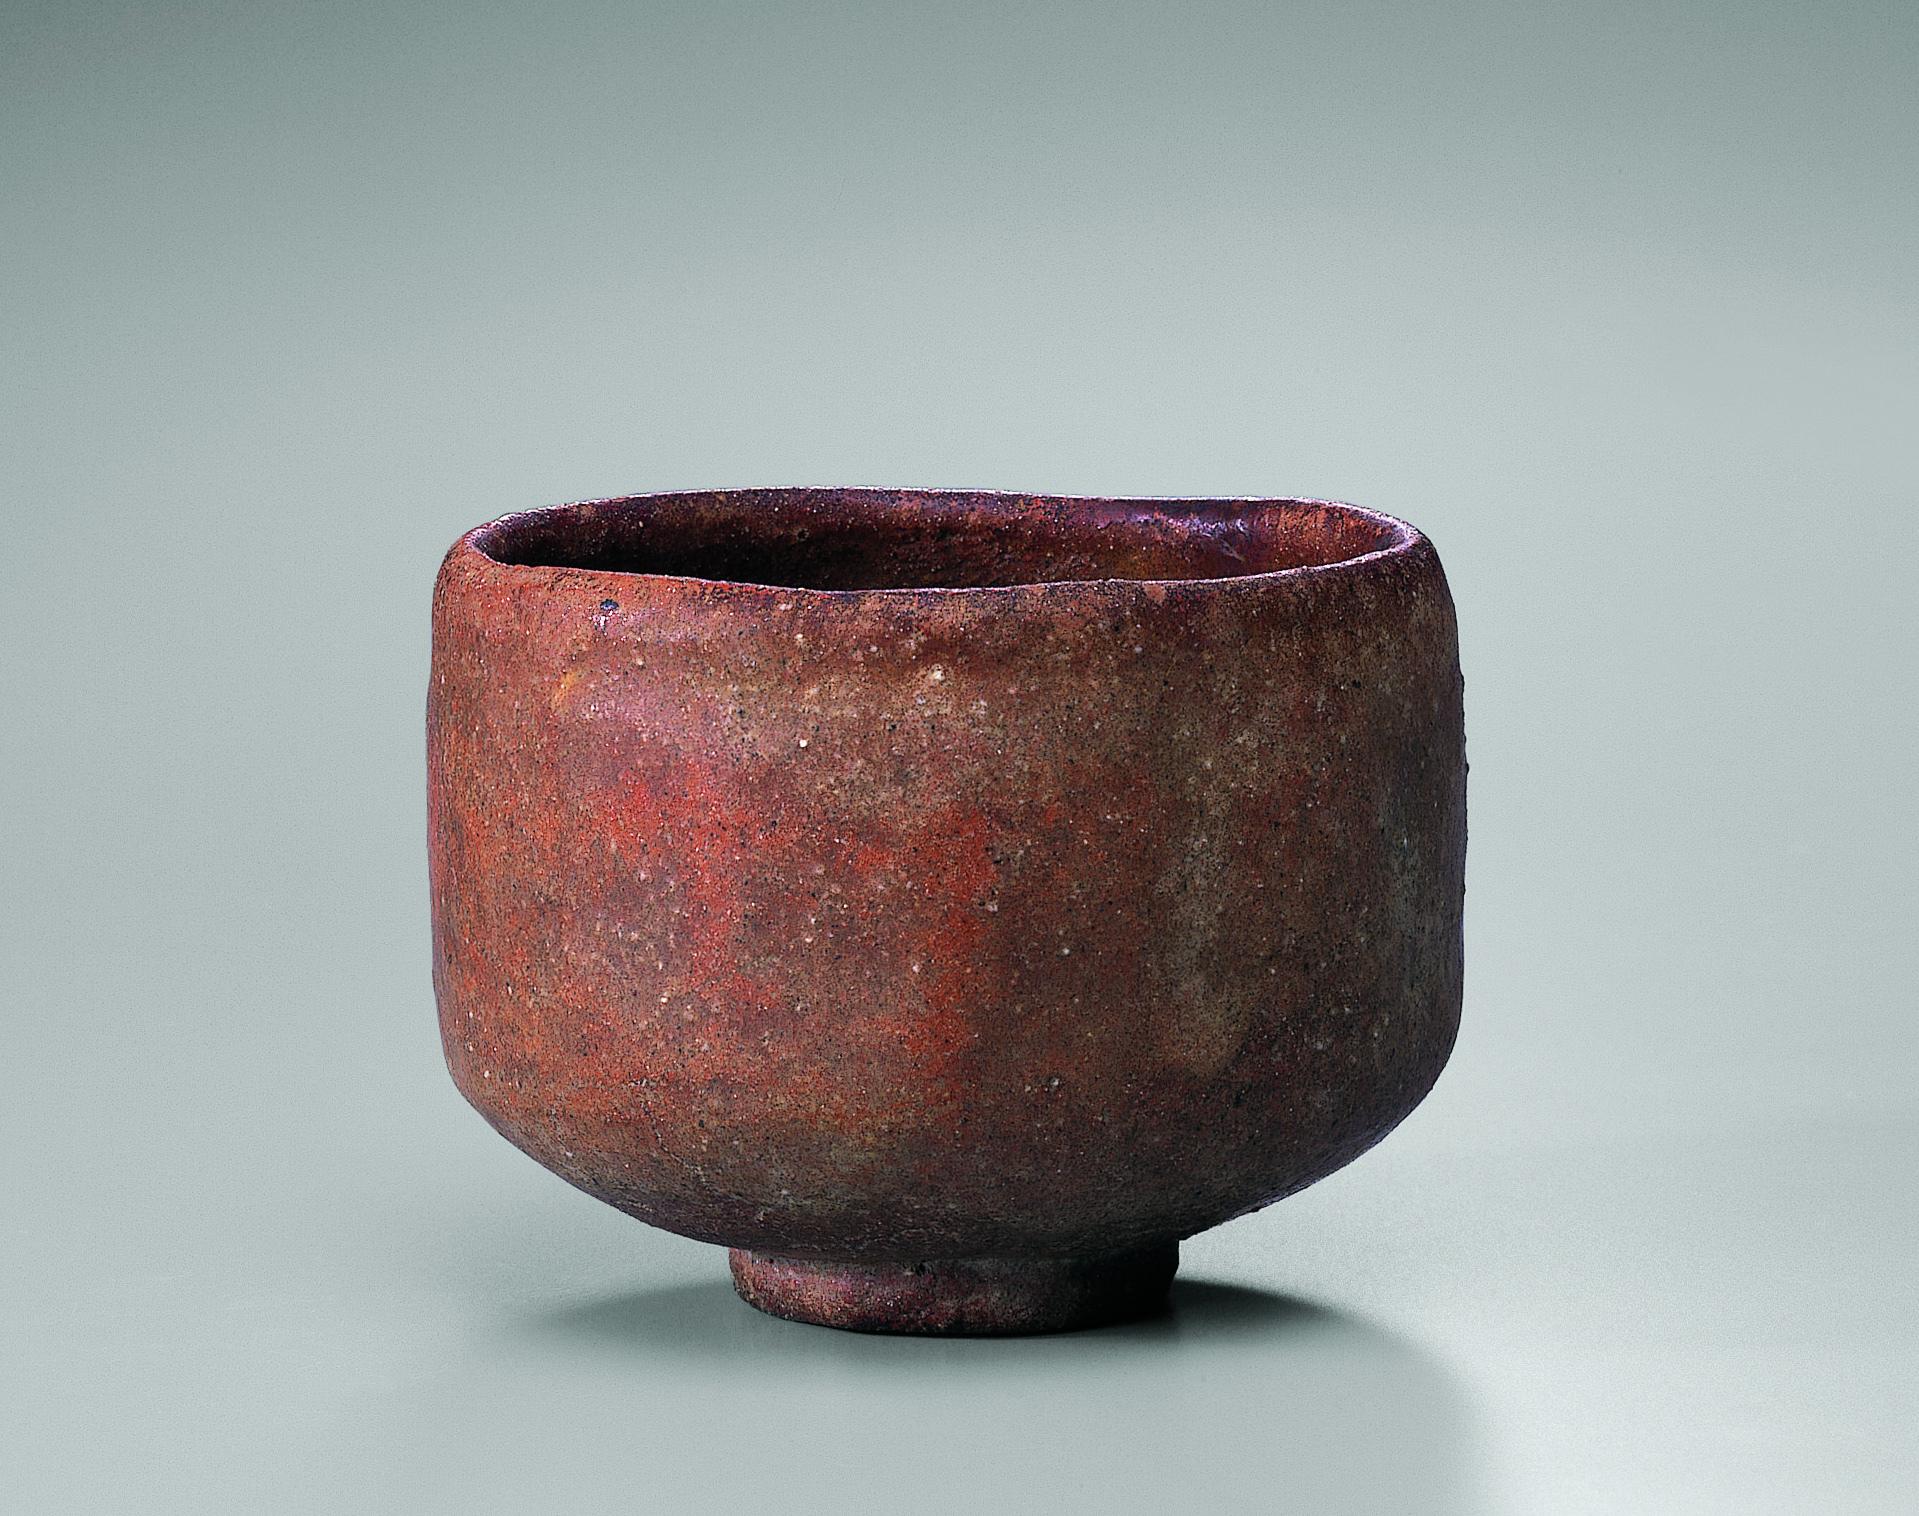 初代 長次郎 赤樂茶碗 銘 太郎坊 重要文化財 桃山時代(十六世紀) 裏千家今日庵蔵